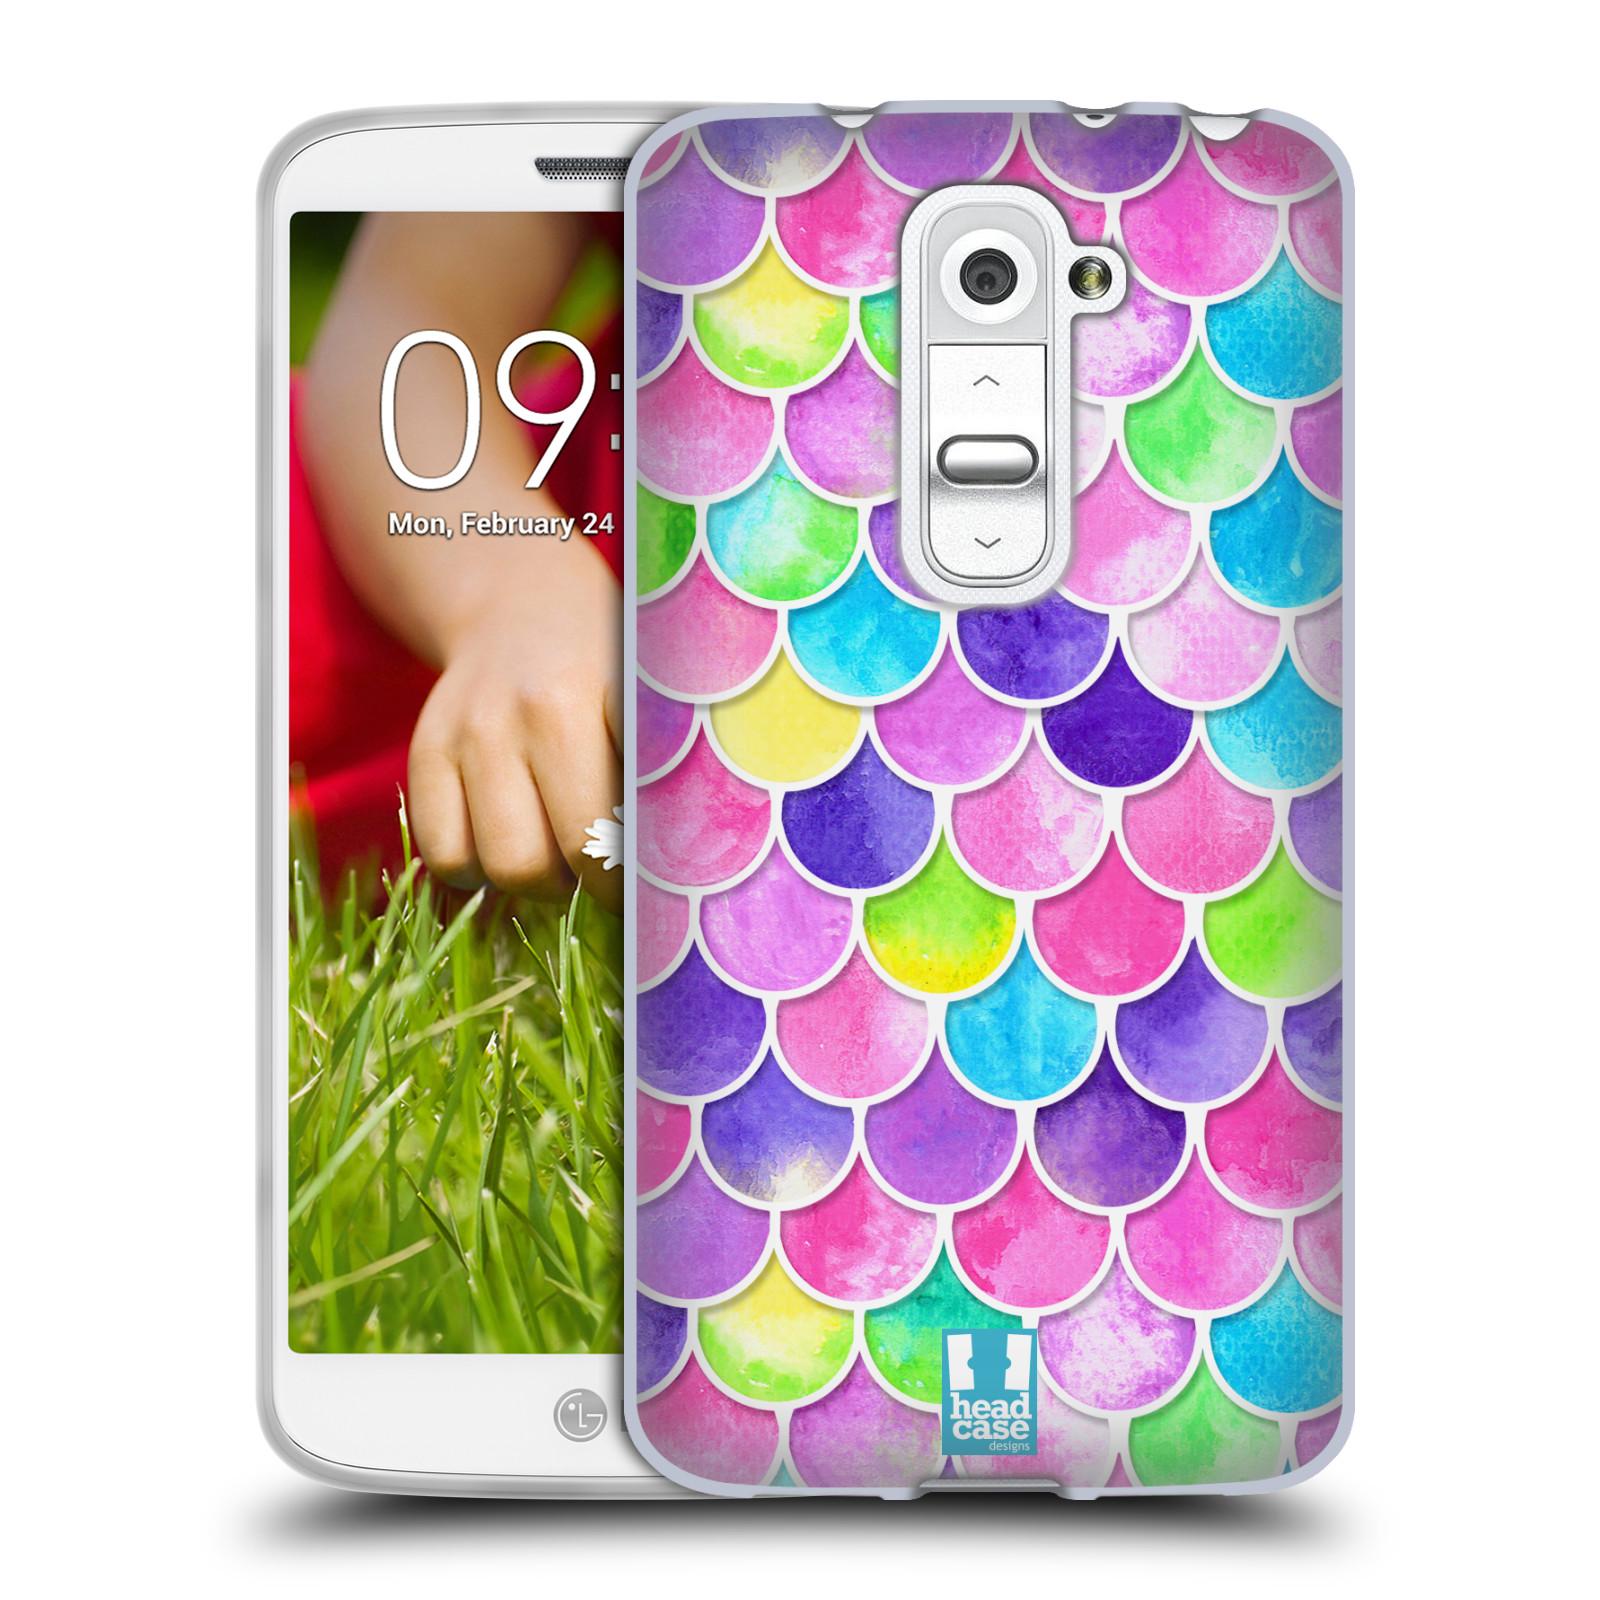 Silikonové pouzdro na mobil LG G2 Mini - Head Case - Barevné šupinky (Silikonový kryt či obal na mobilní telefon s motivem šupinek pro LG G2 Mini D620)